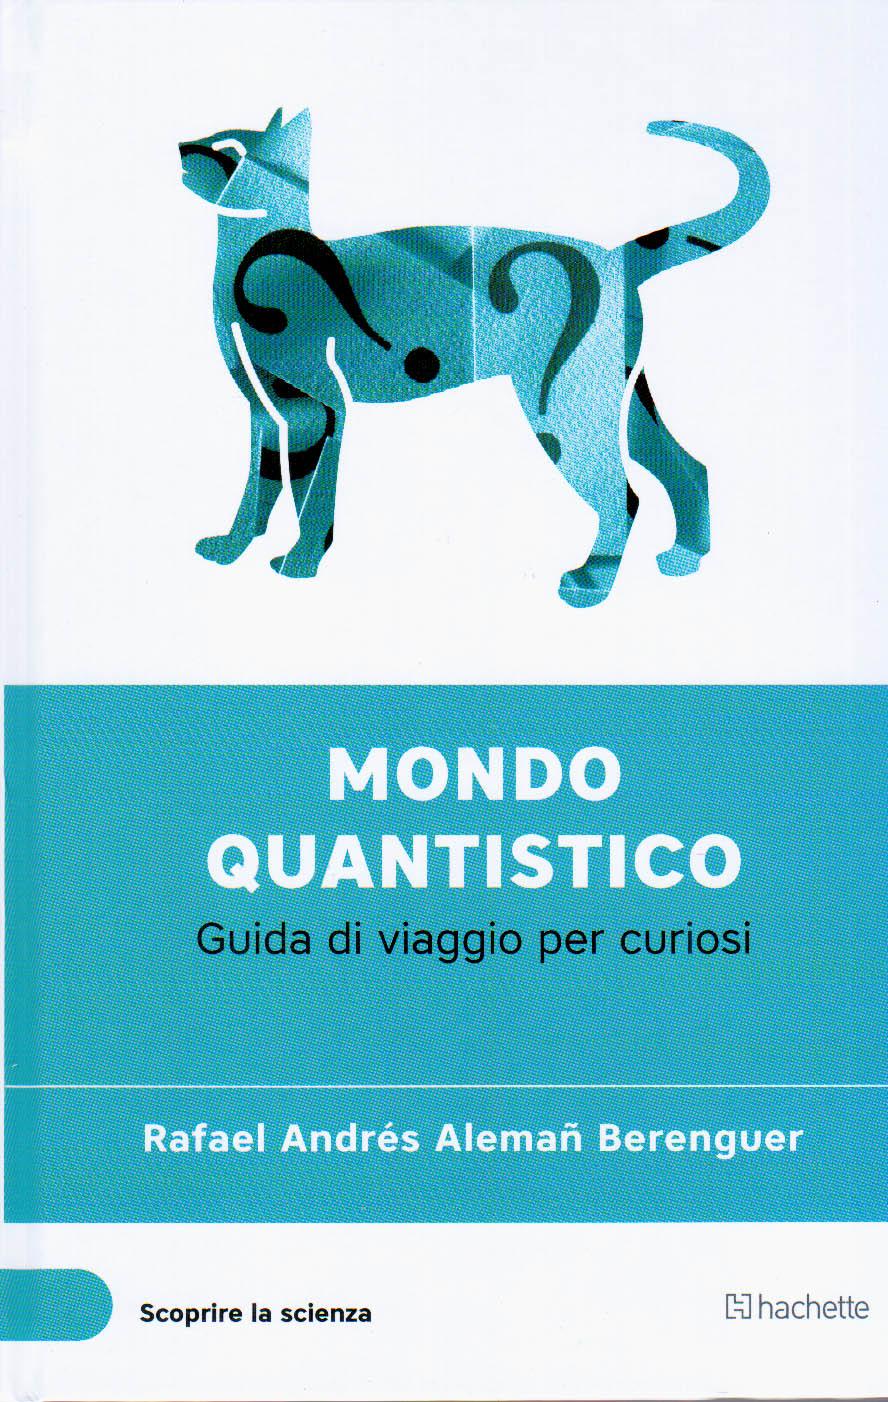 Mondo quantistico. Guida di viaggio per curiosi